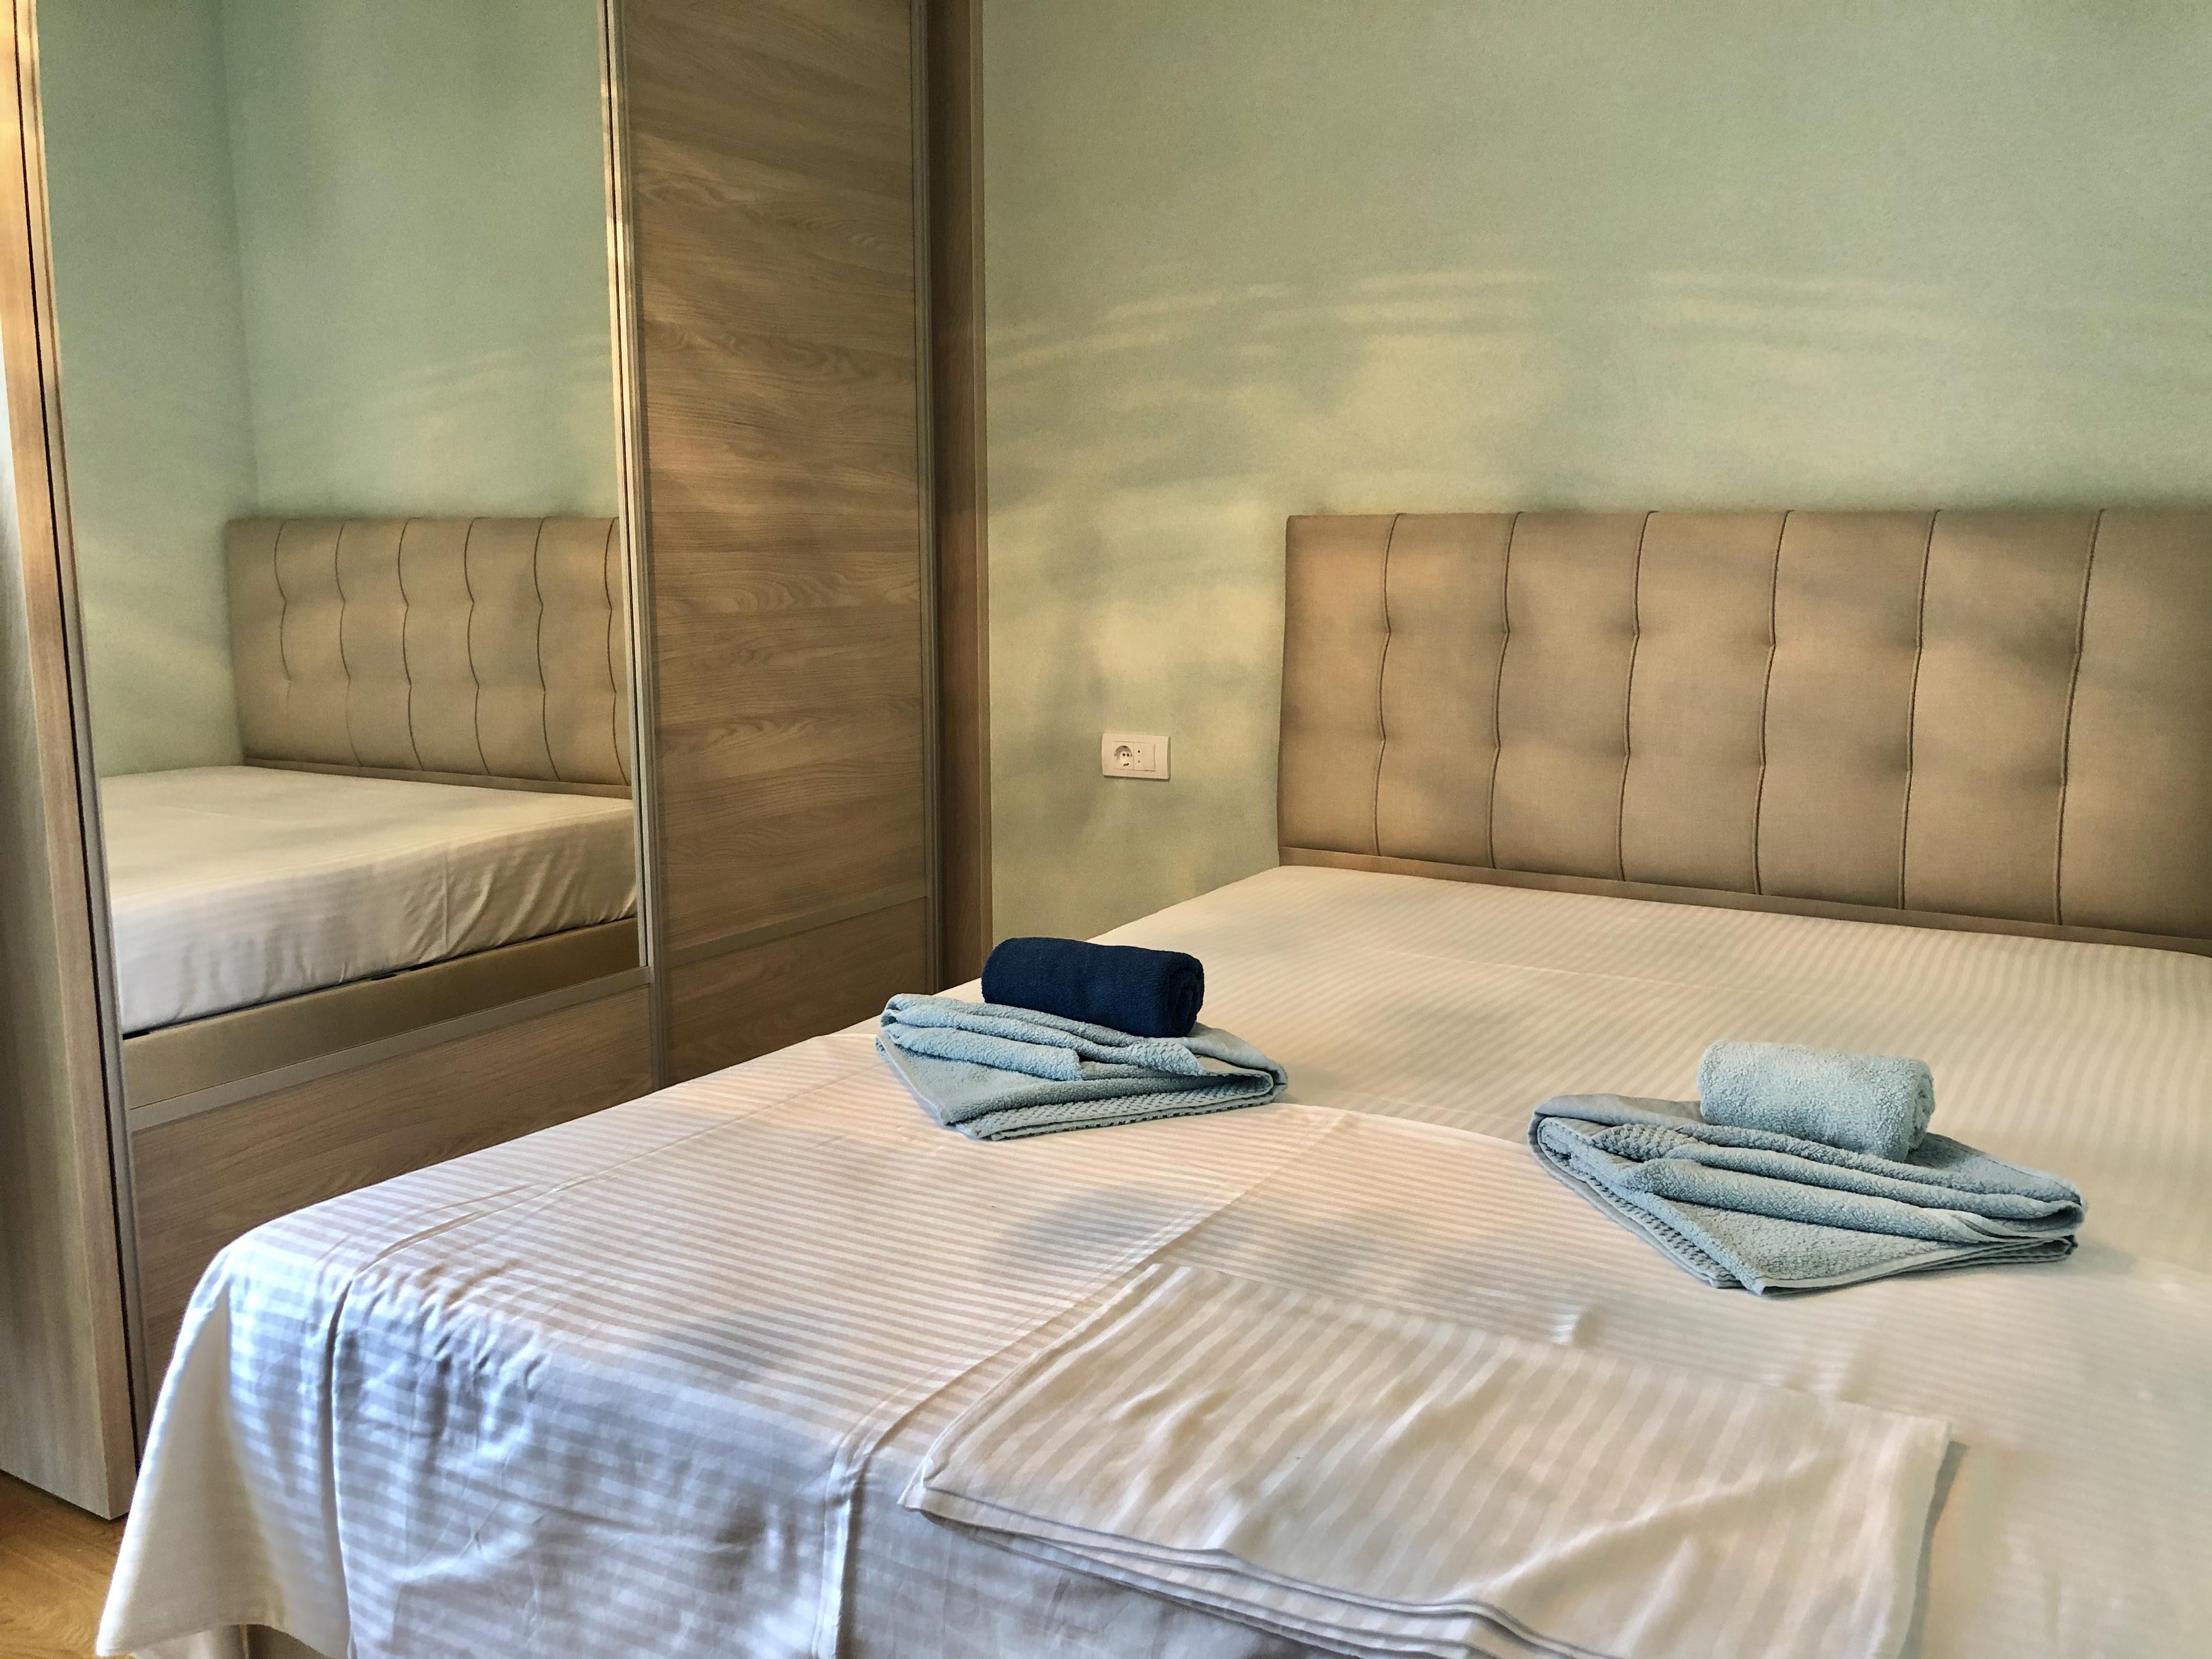 amforaproperty.com/ANATOLIA NEW BEČIĆI – Luksuzni apartmani u novom naselju na samo 400m od plaže sa prelijepim pogledom!